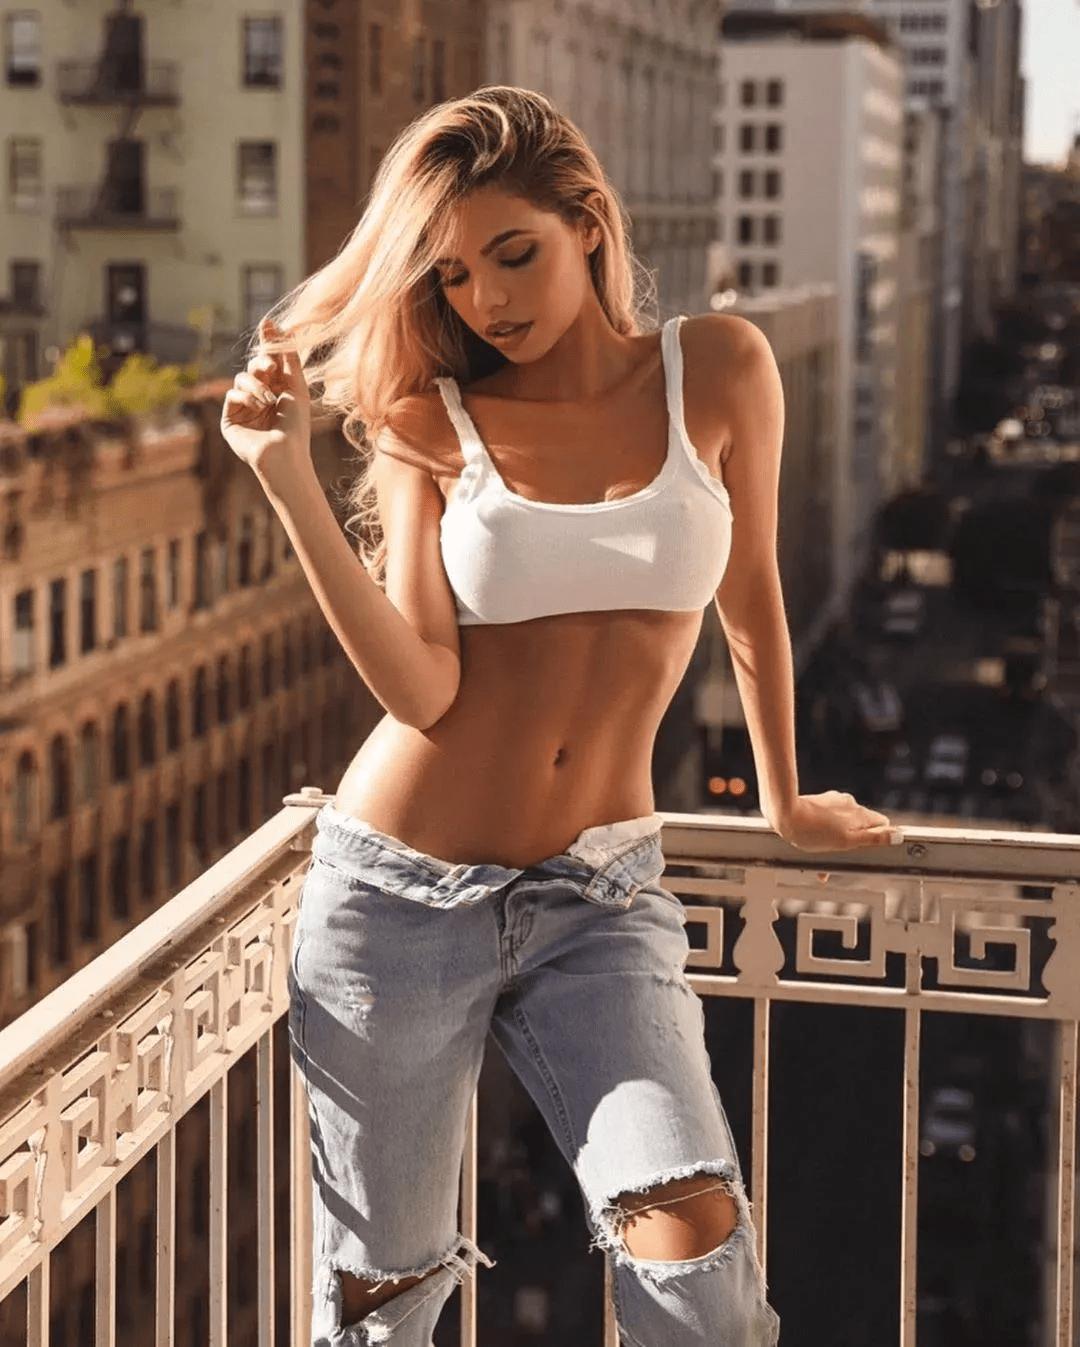 女生到底要不要撸铁?坚持撸铁的女孩,身材曲线有多好看?